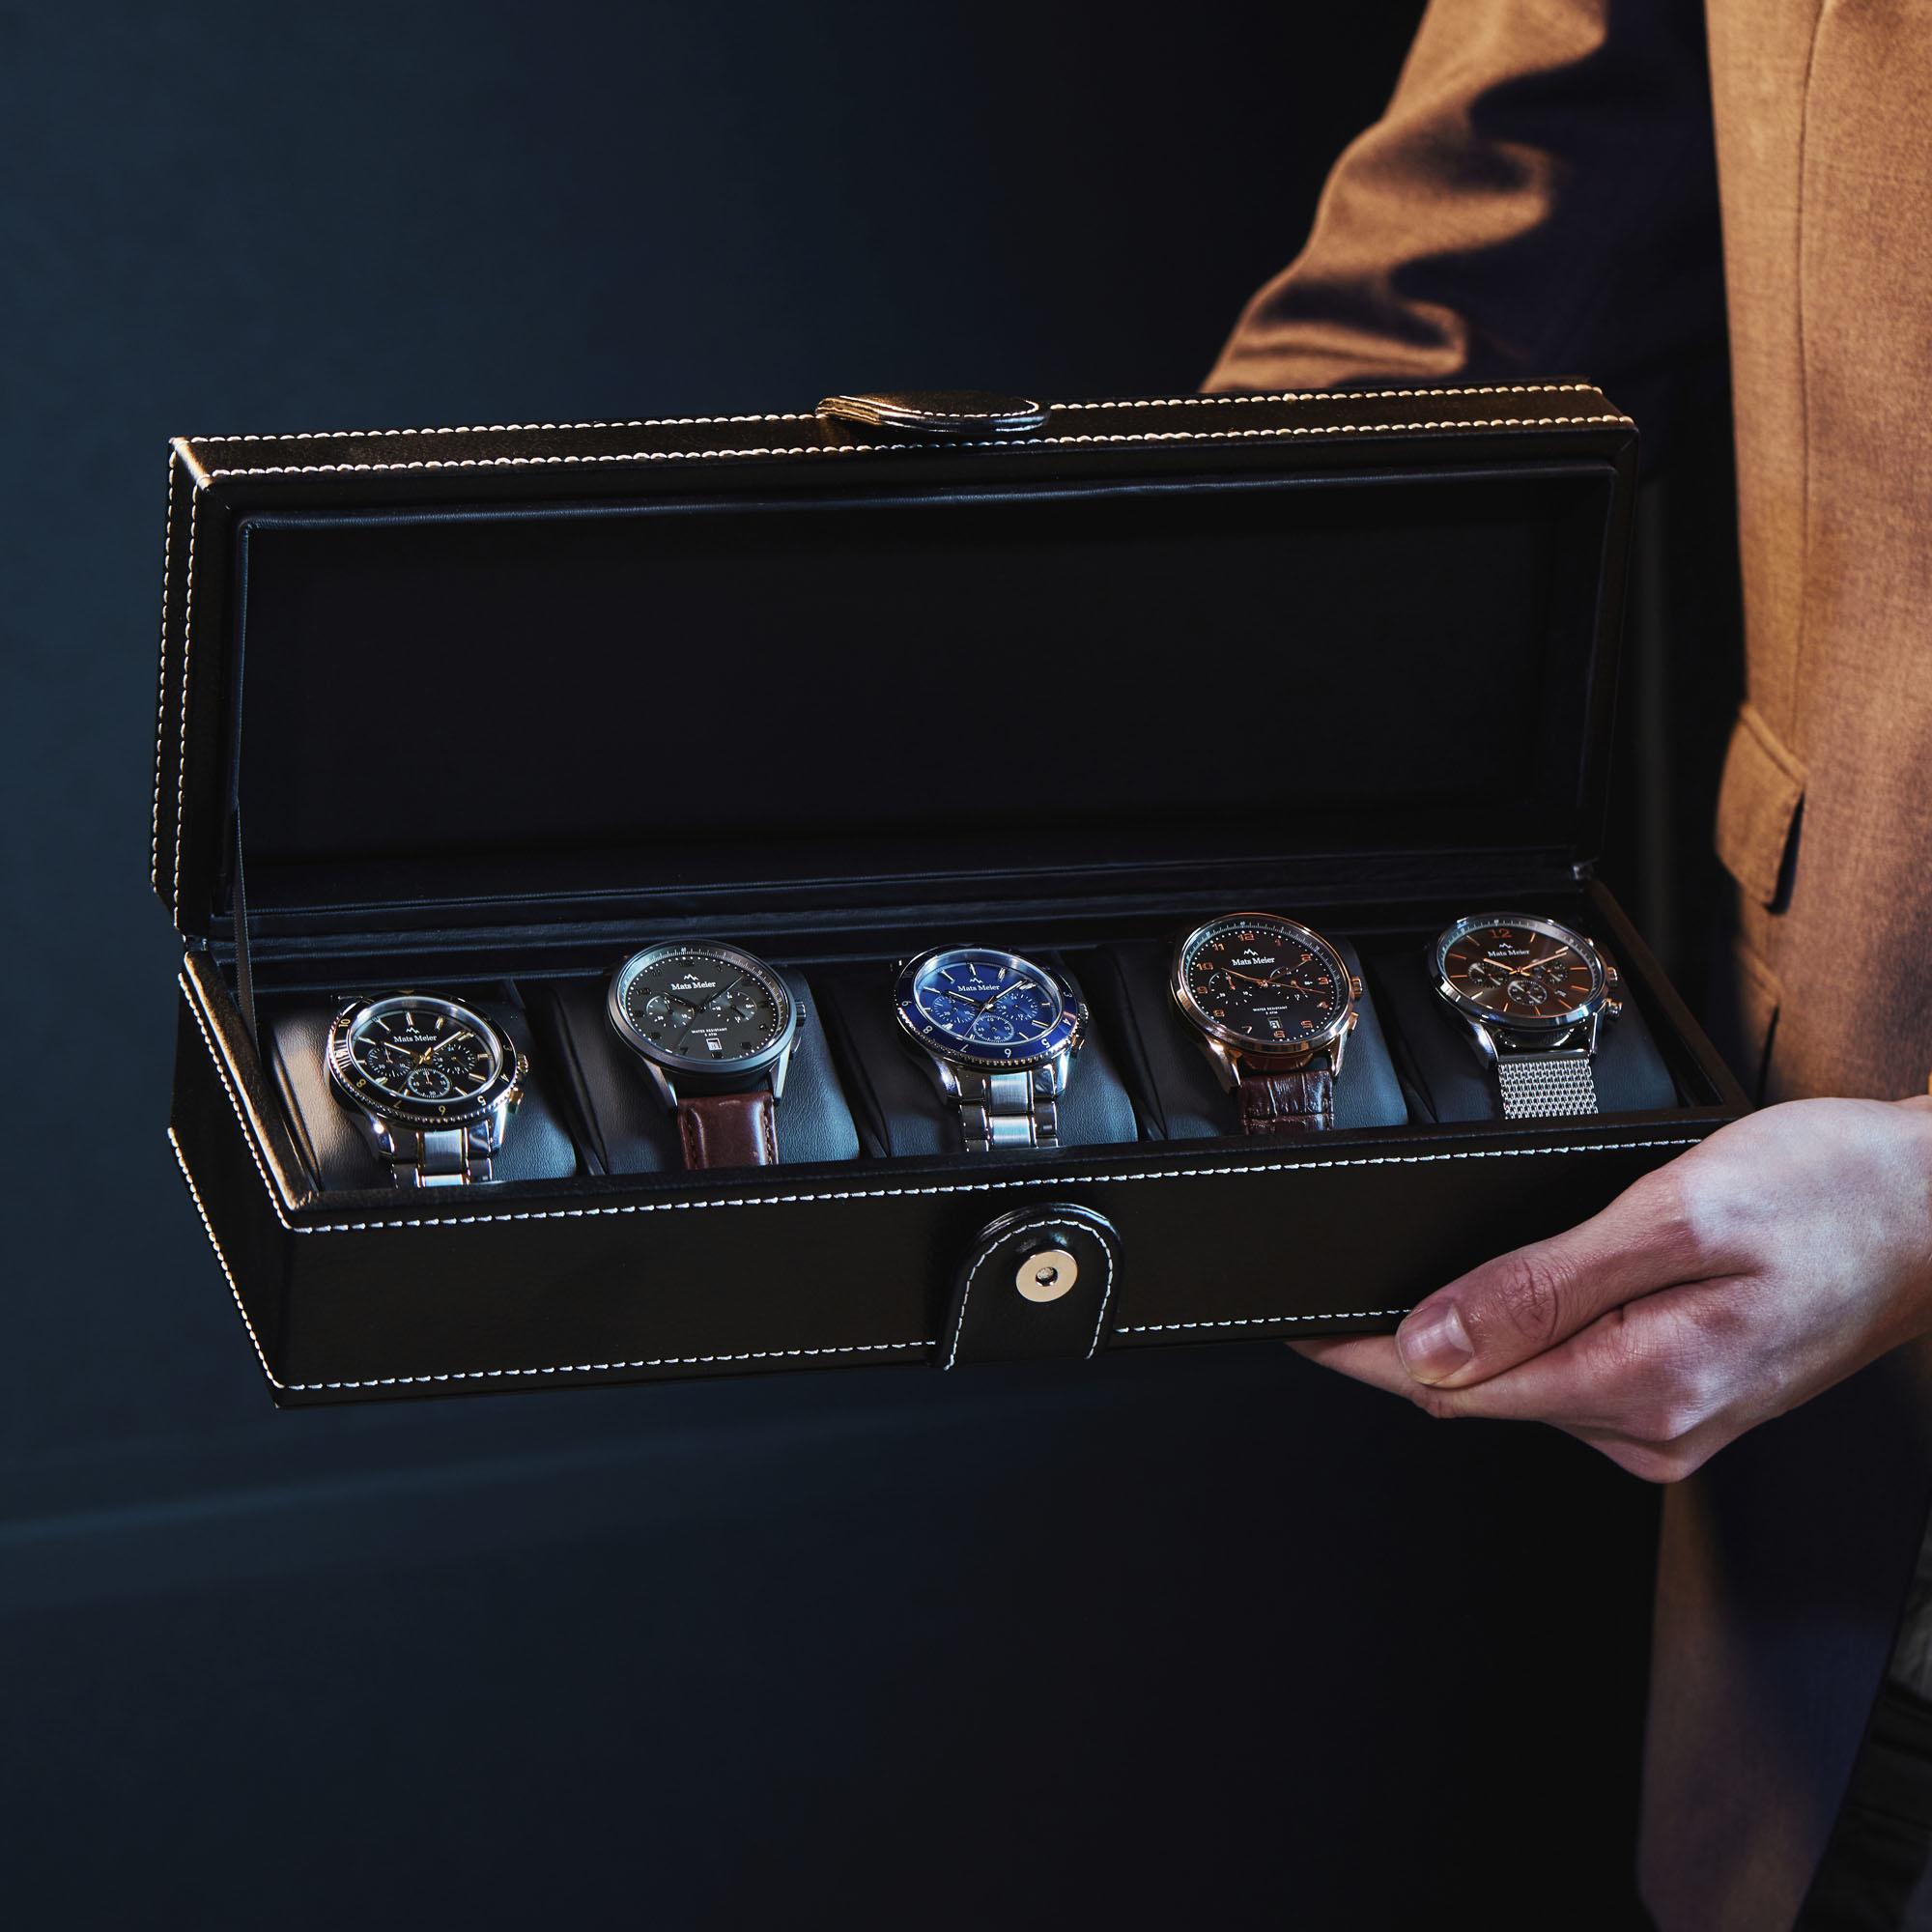 Mats Meier Mont Fort porta orologi nero - 5 orologi